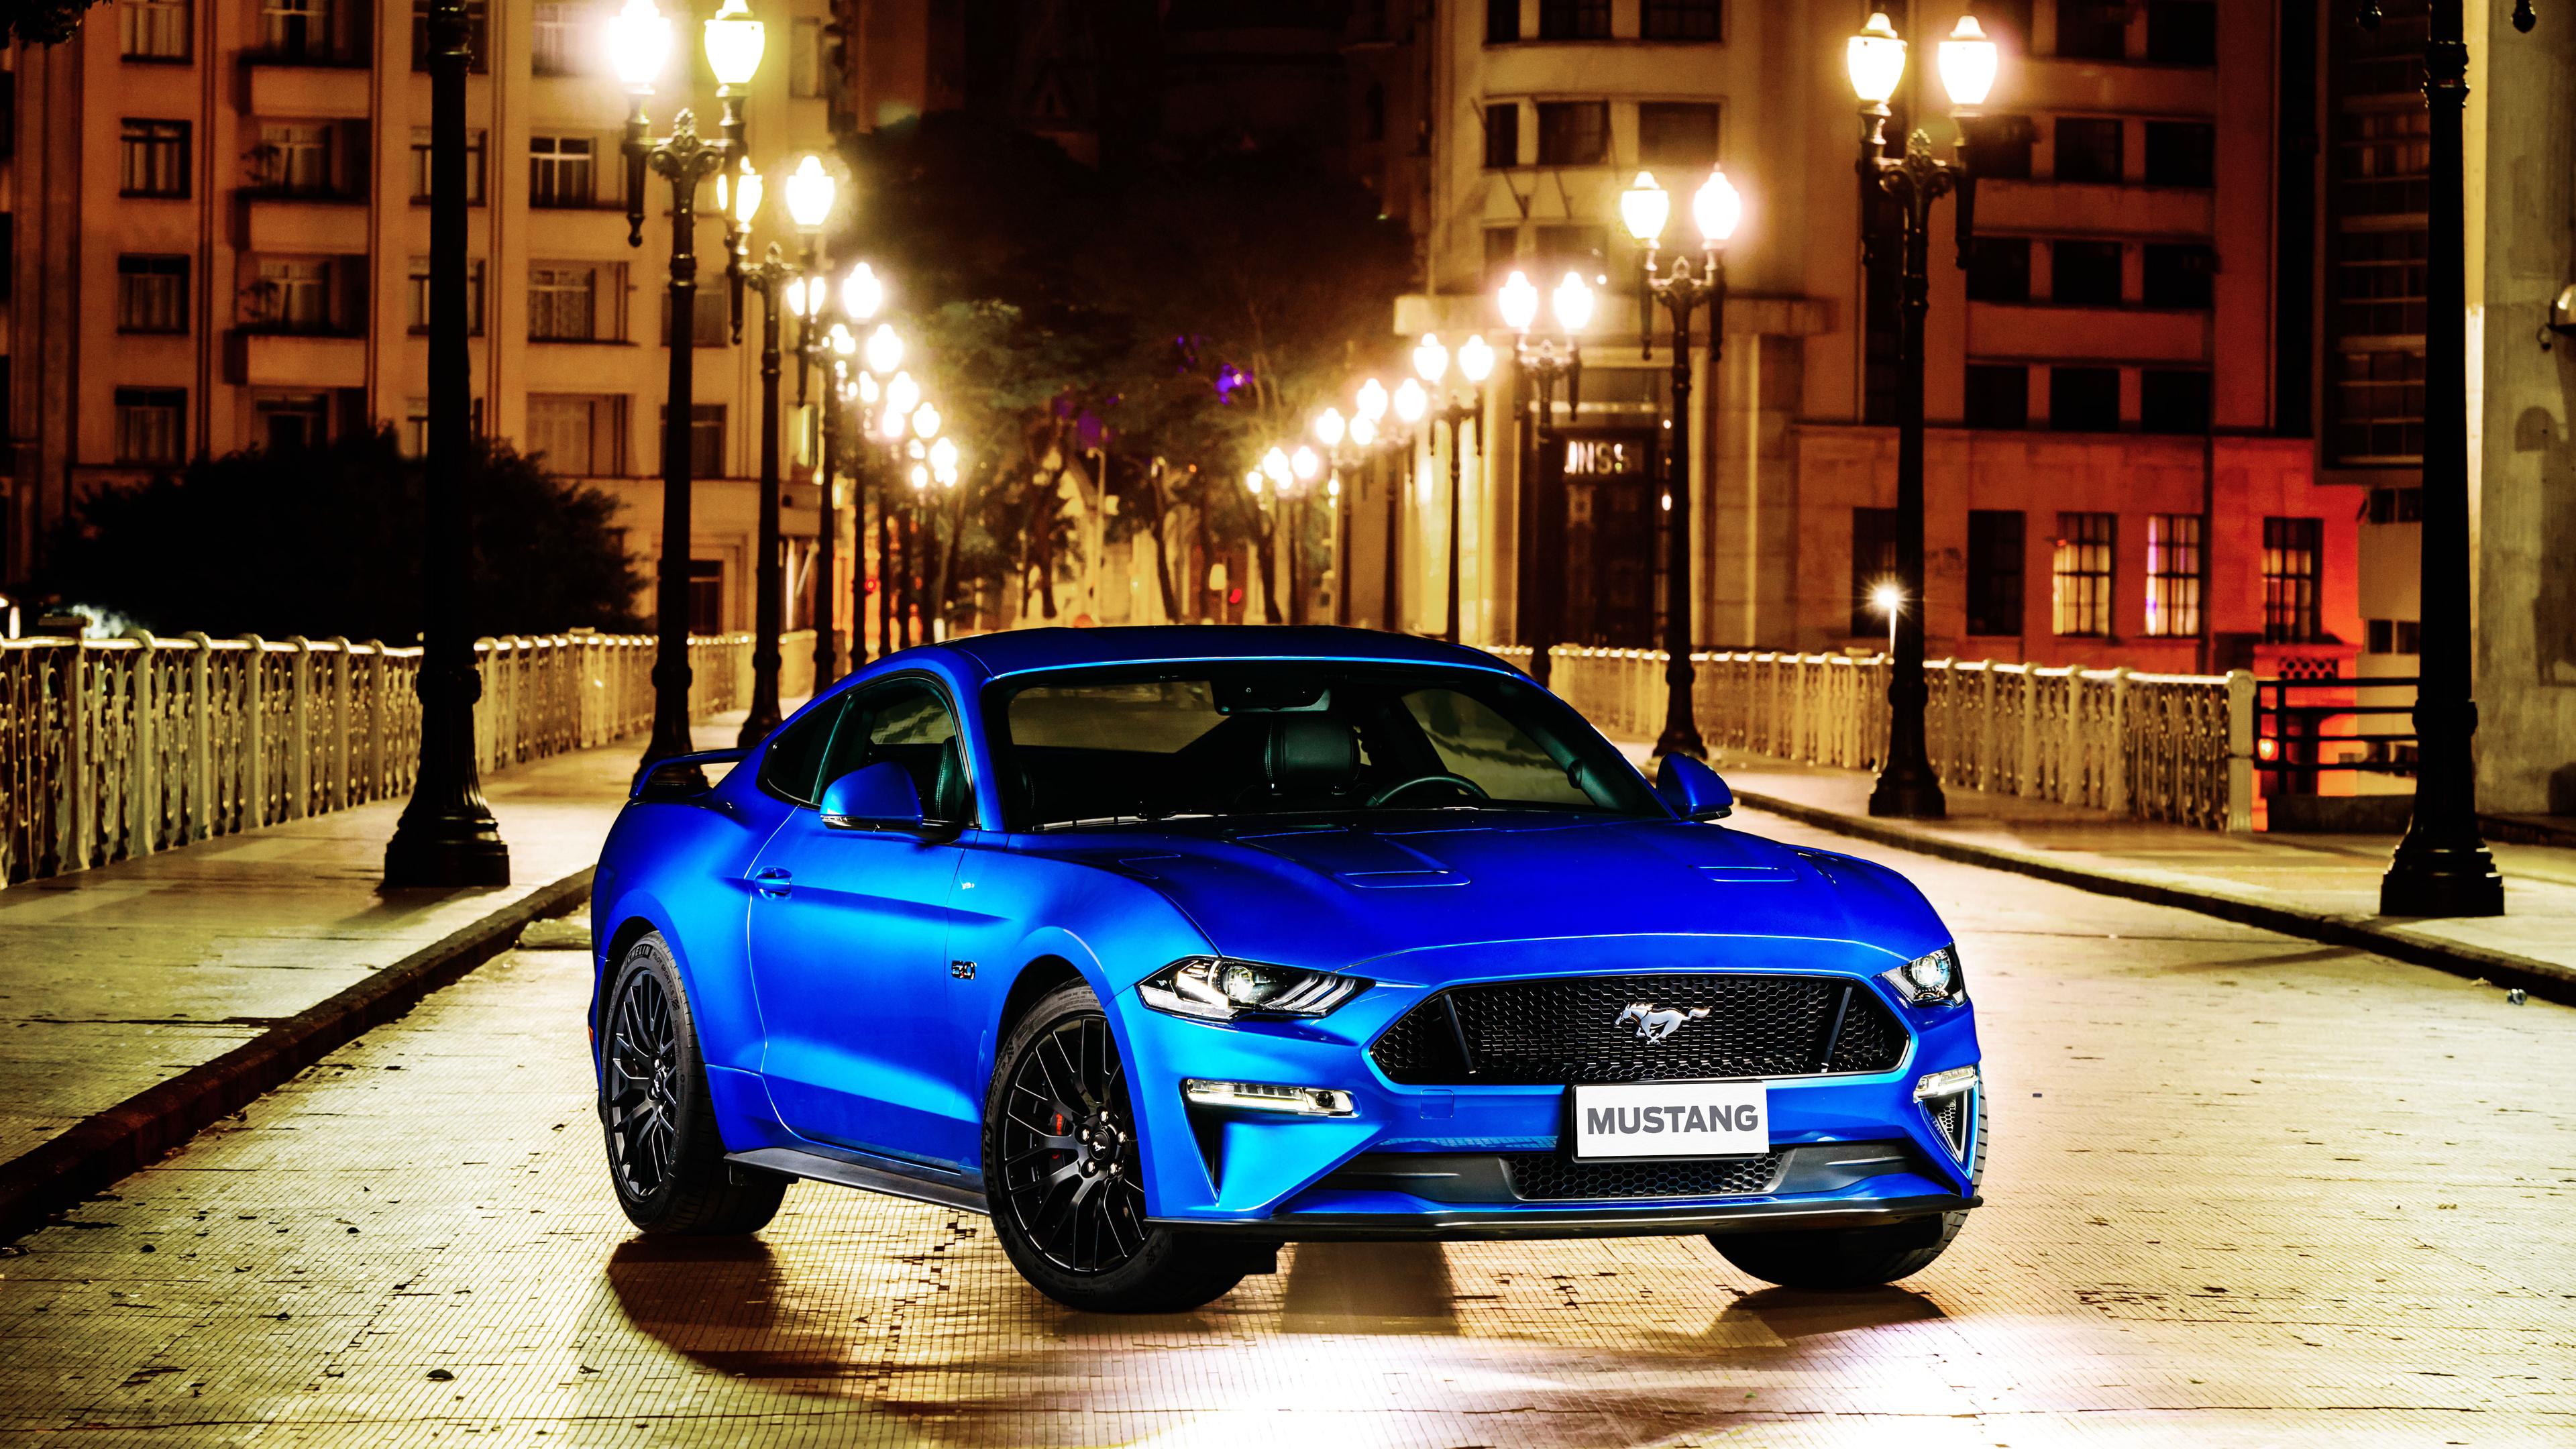 Ярко-синий автомобиль с эмблемой Мустанг в отблесках фонарей ночного города